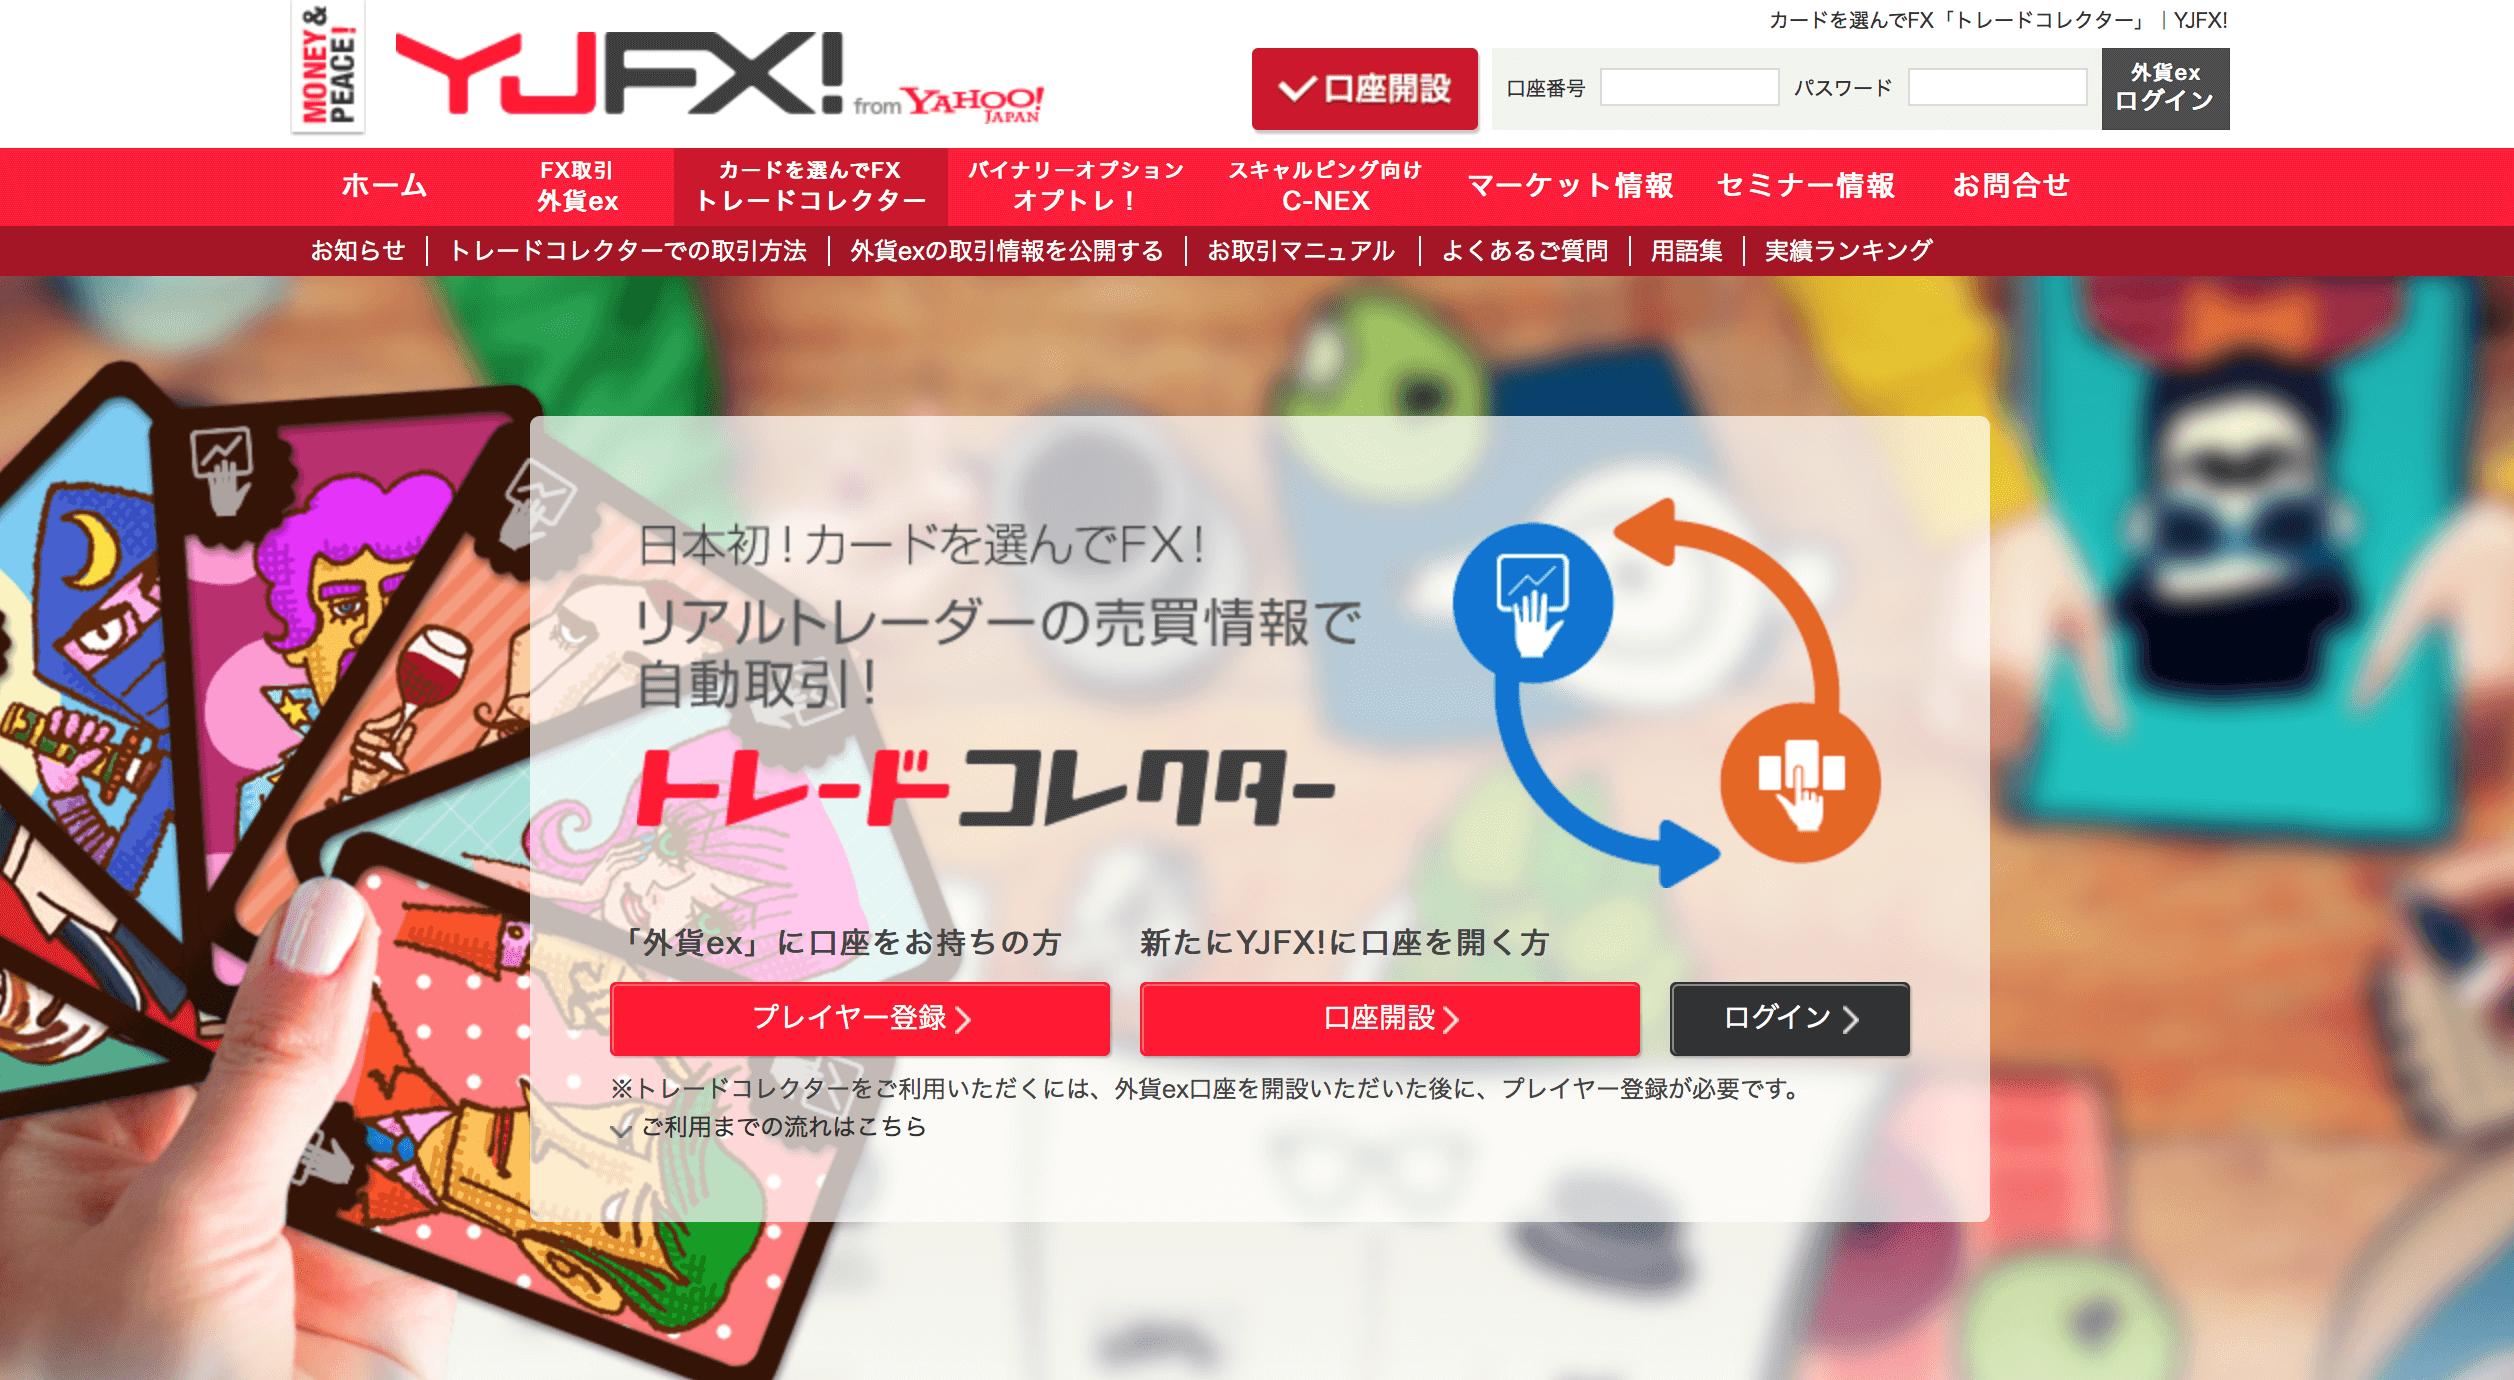 『トレードコレクター』(YJFX!)